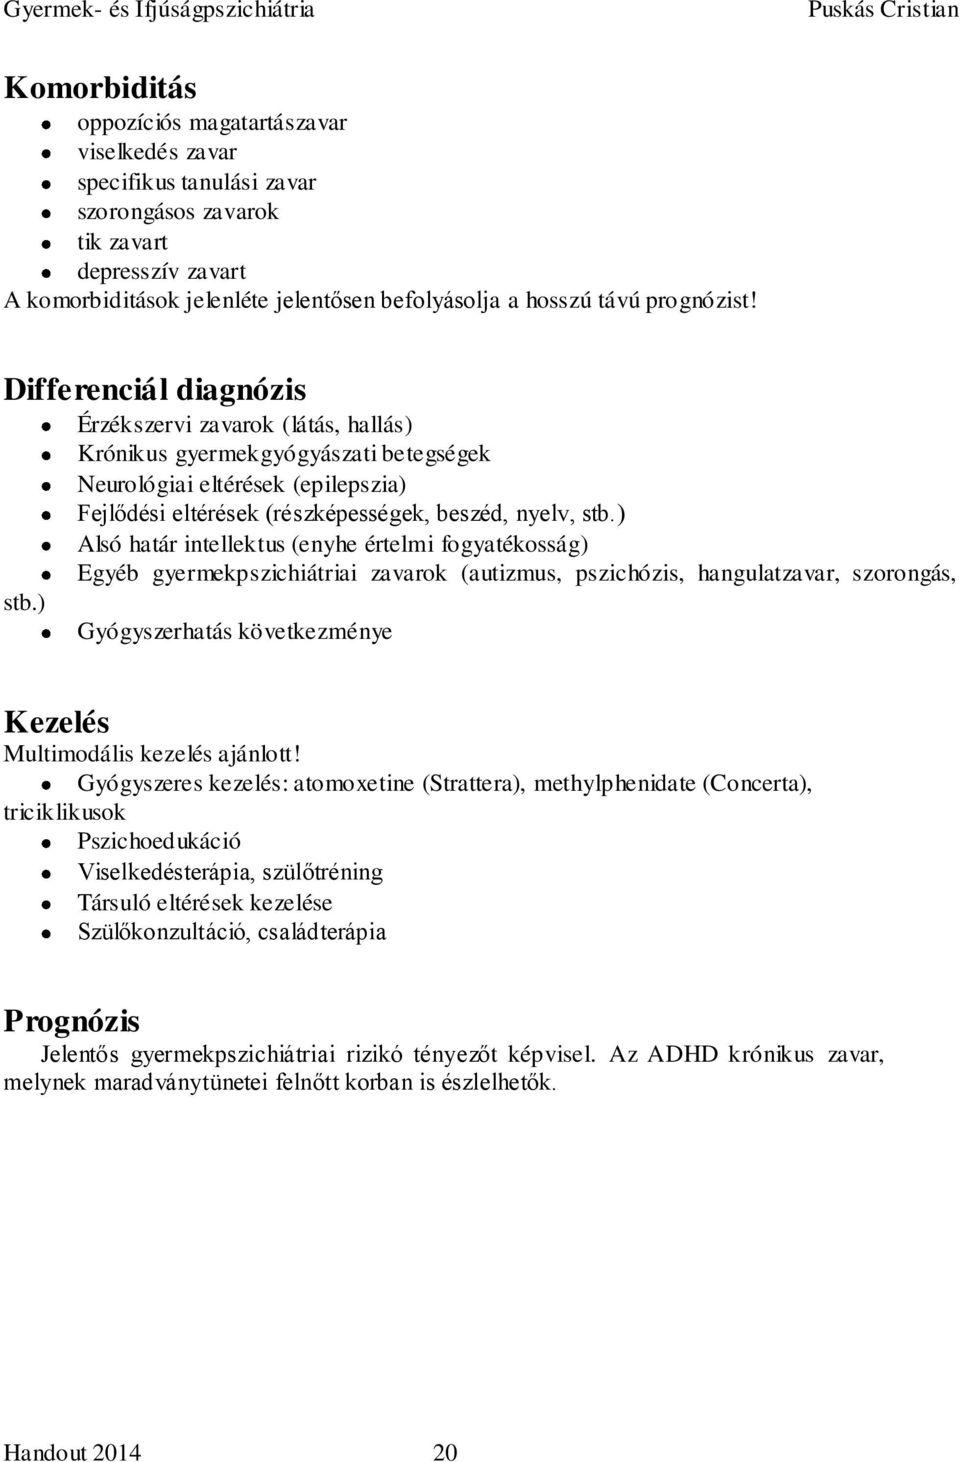 légzési papillomatosis diagnózis parazitaellenes rovarölő és riasztó szerek